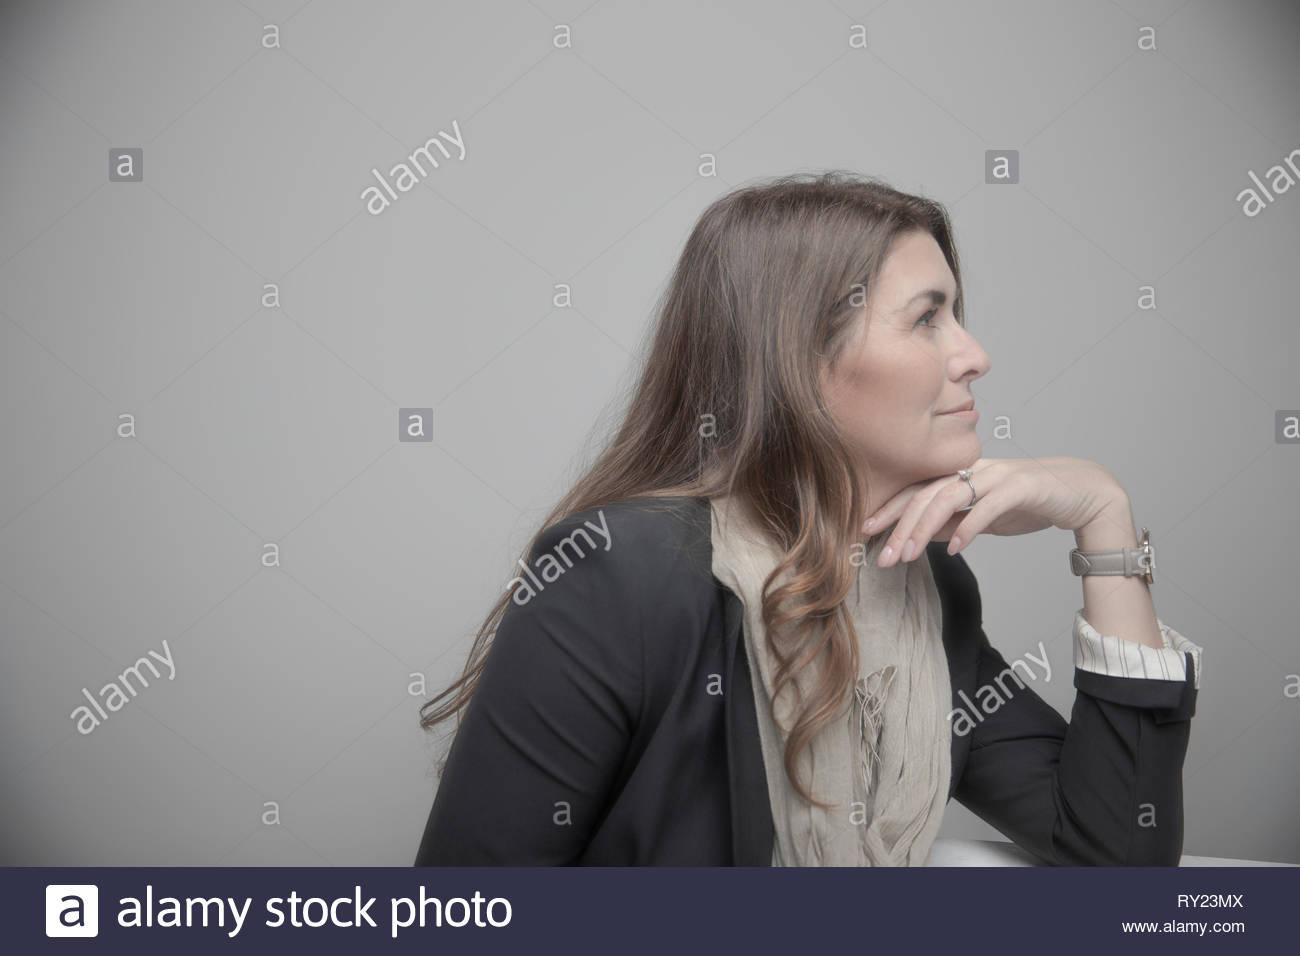 Ritratto di profilo fiducioso bella bruna donna che guarda lontano Immagini Stock